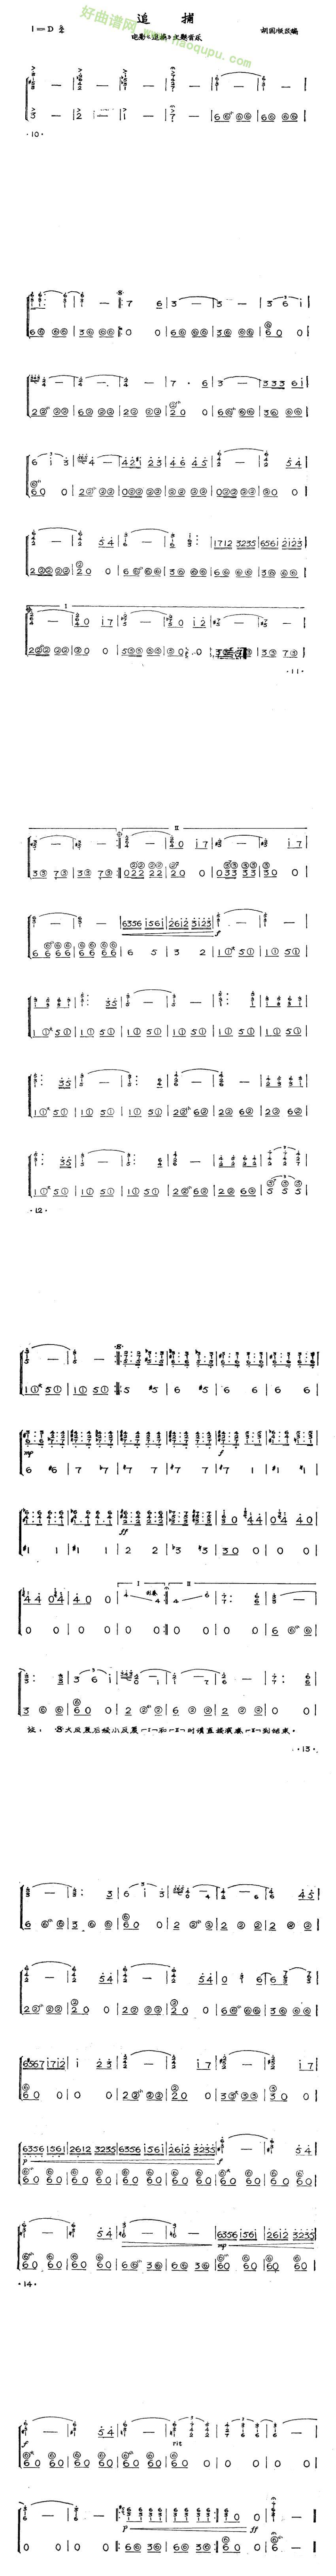 《追捕》(电影追捕主题曲) 手风琴曲谱第1张